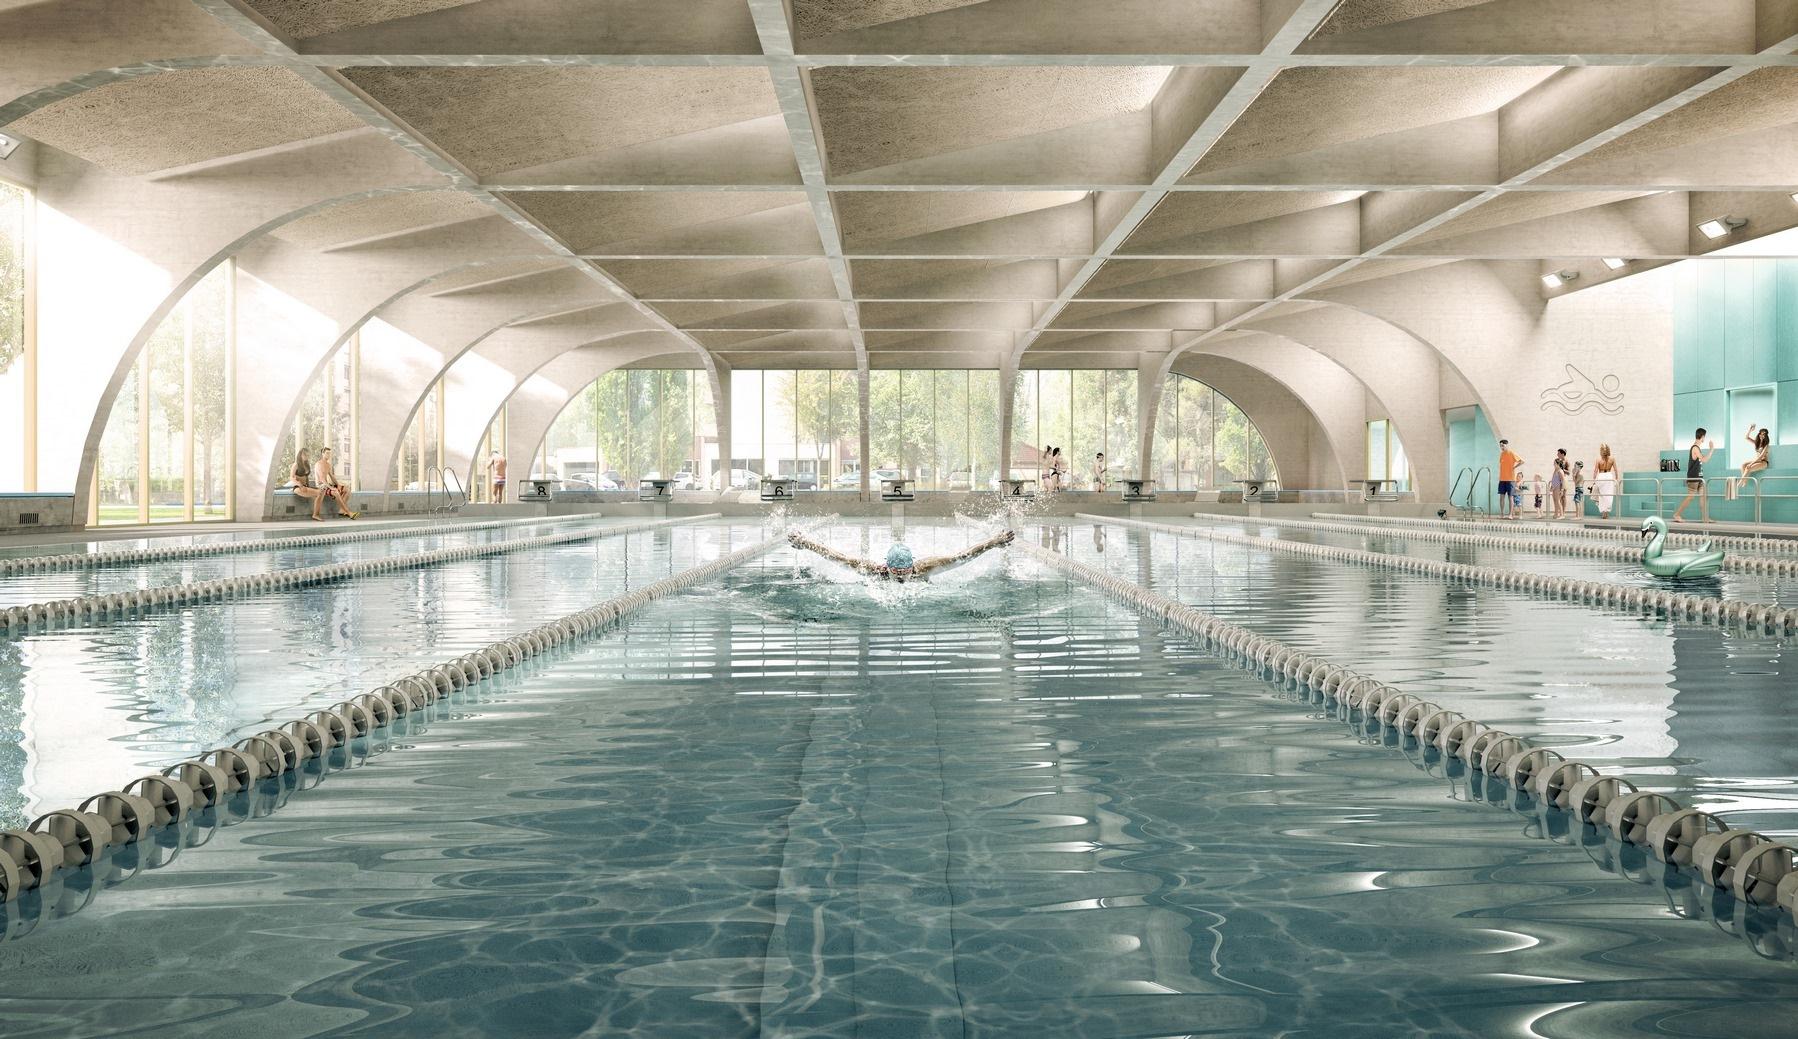 Piscine - Bourgoin-Jallieu (38) - Z Architecture pour Piscine Bourgoin Jallieu